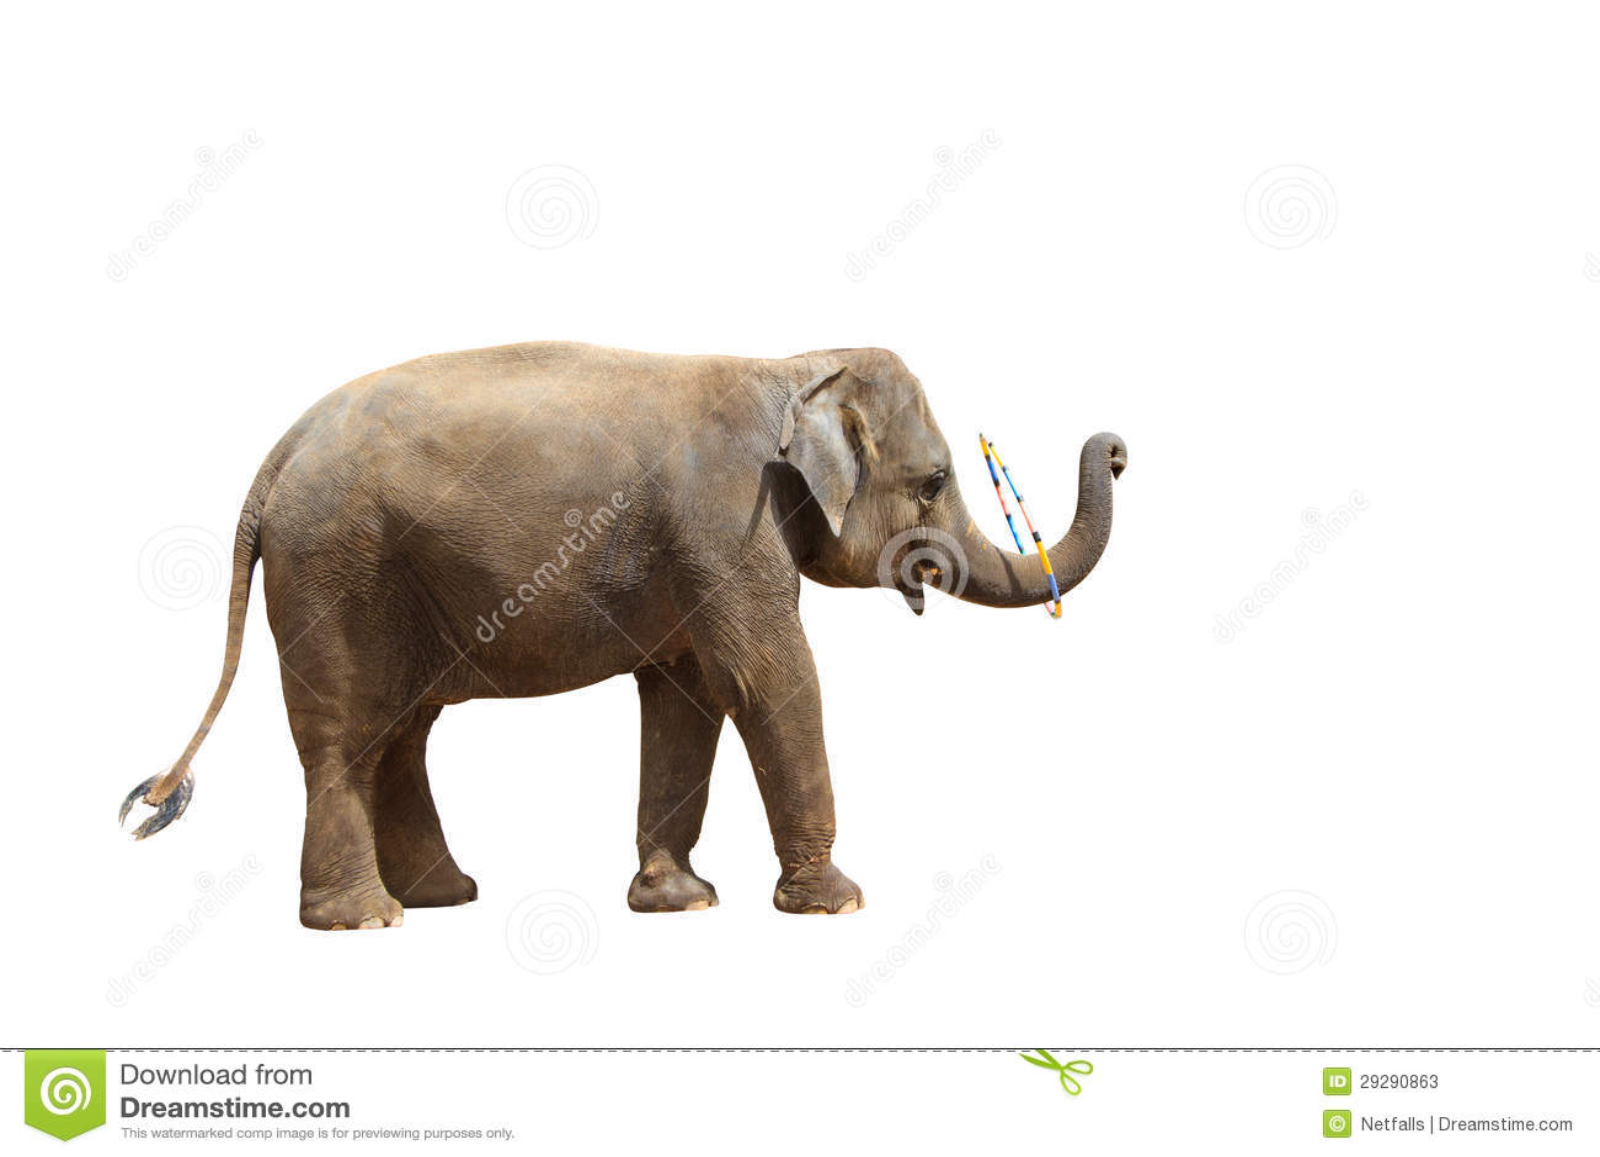 Elephant isolated white background stock photos image 29290863 - Image elephant ...